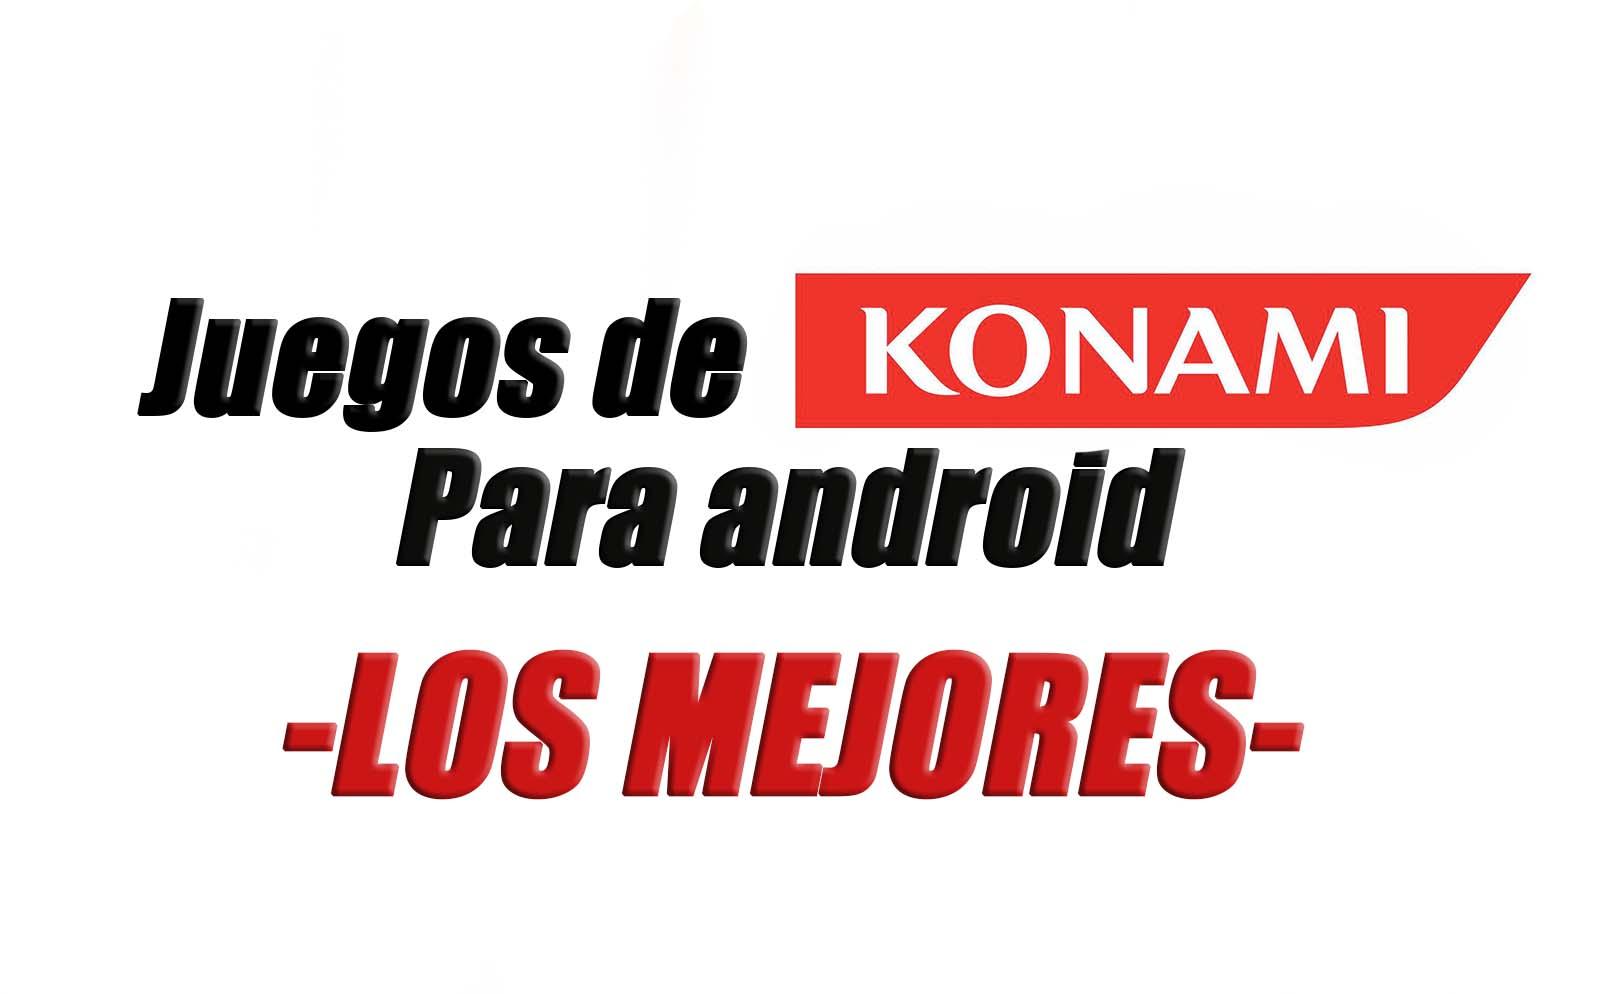 los mejores juegos de konami para android